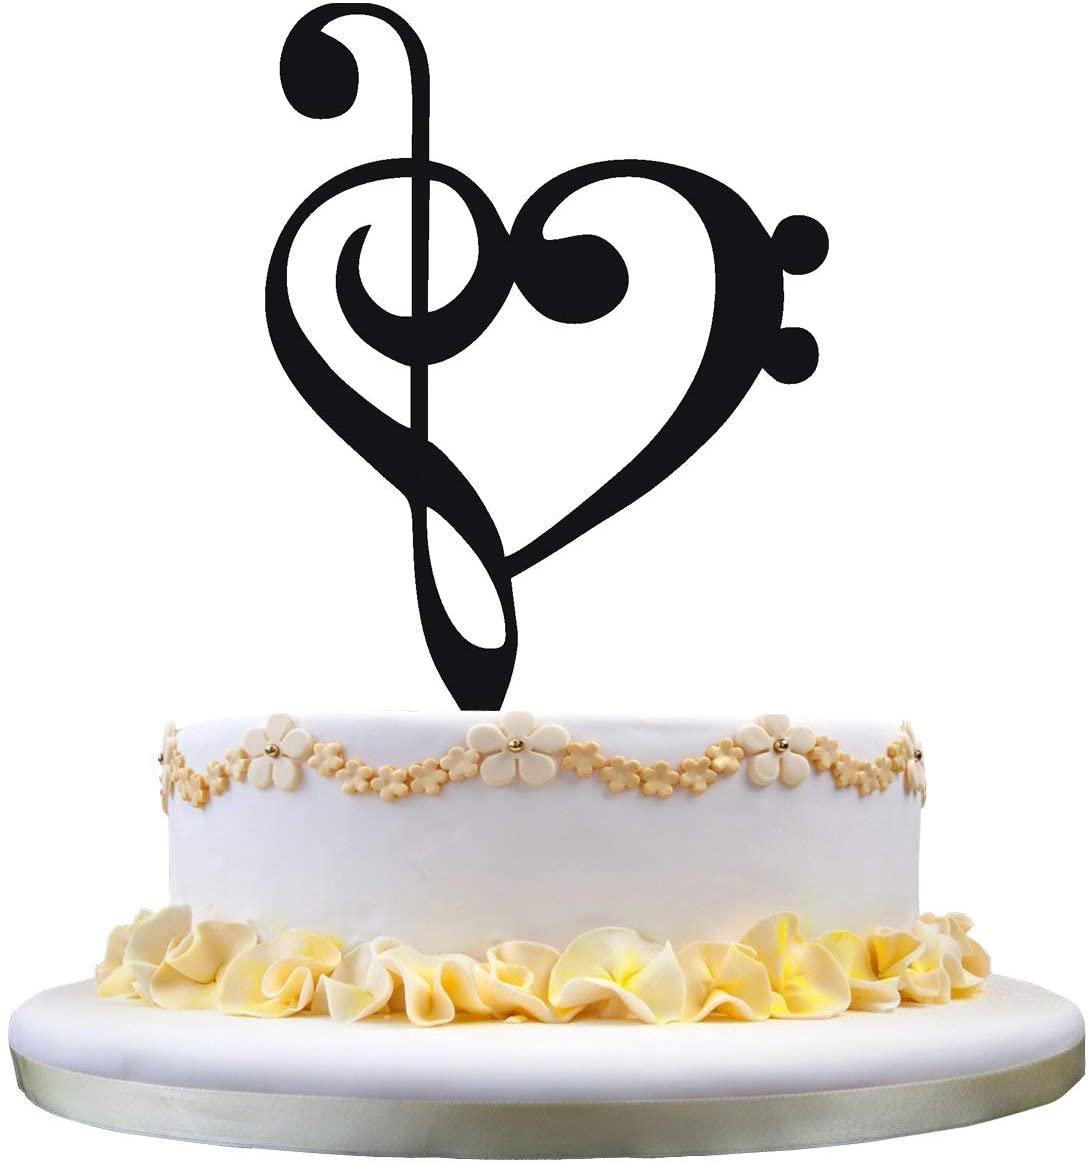 zhongfei Musician Wedding Gifts,Music Note Silhouette Wedding Cake Topper